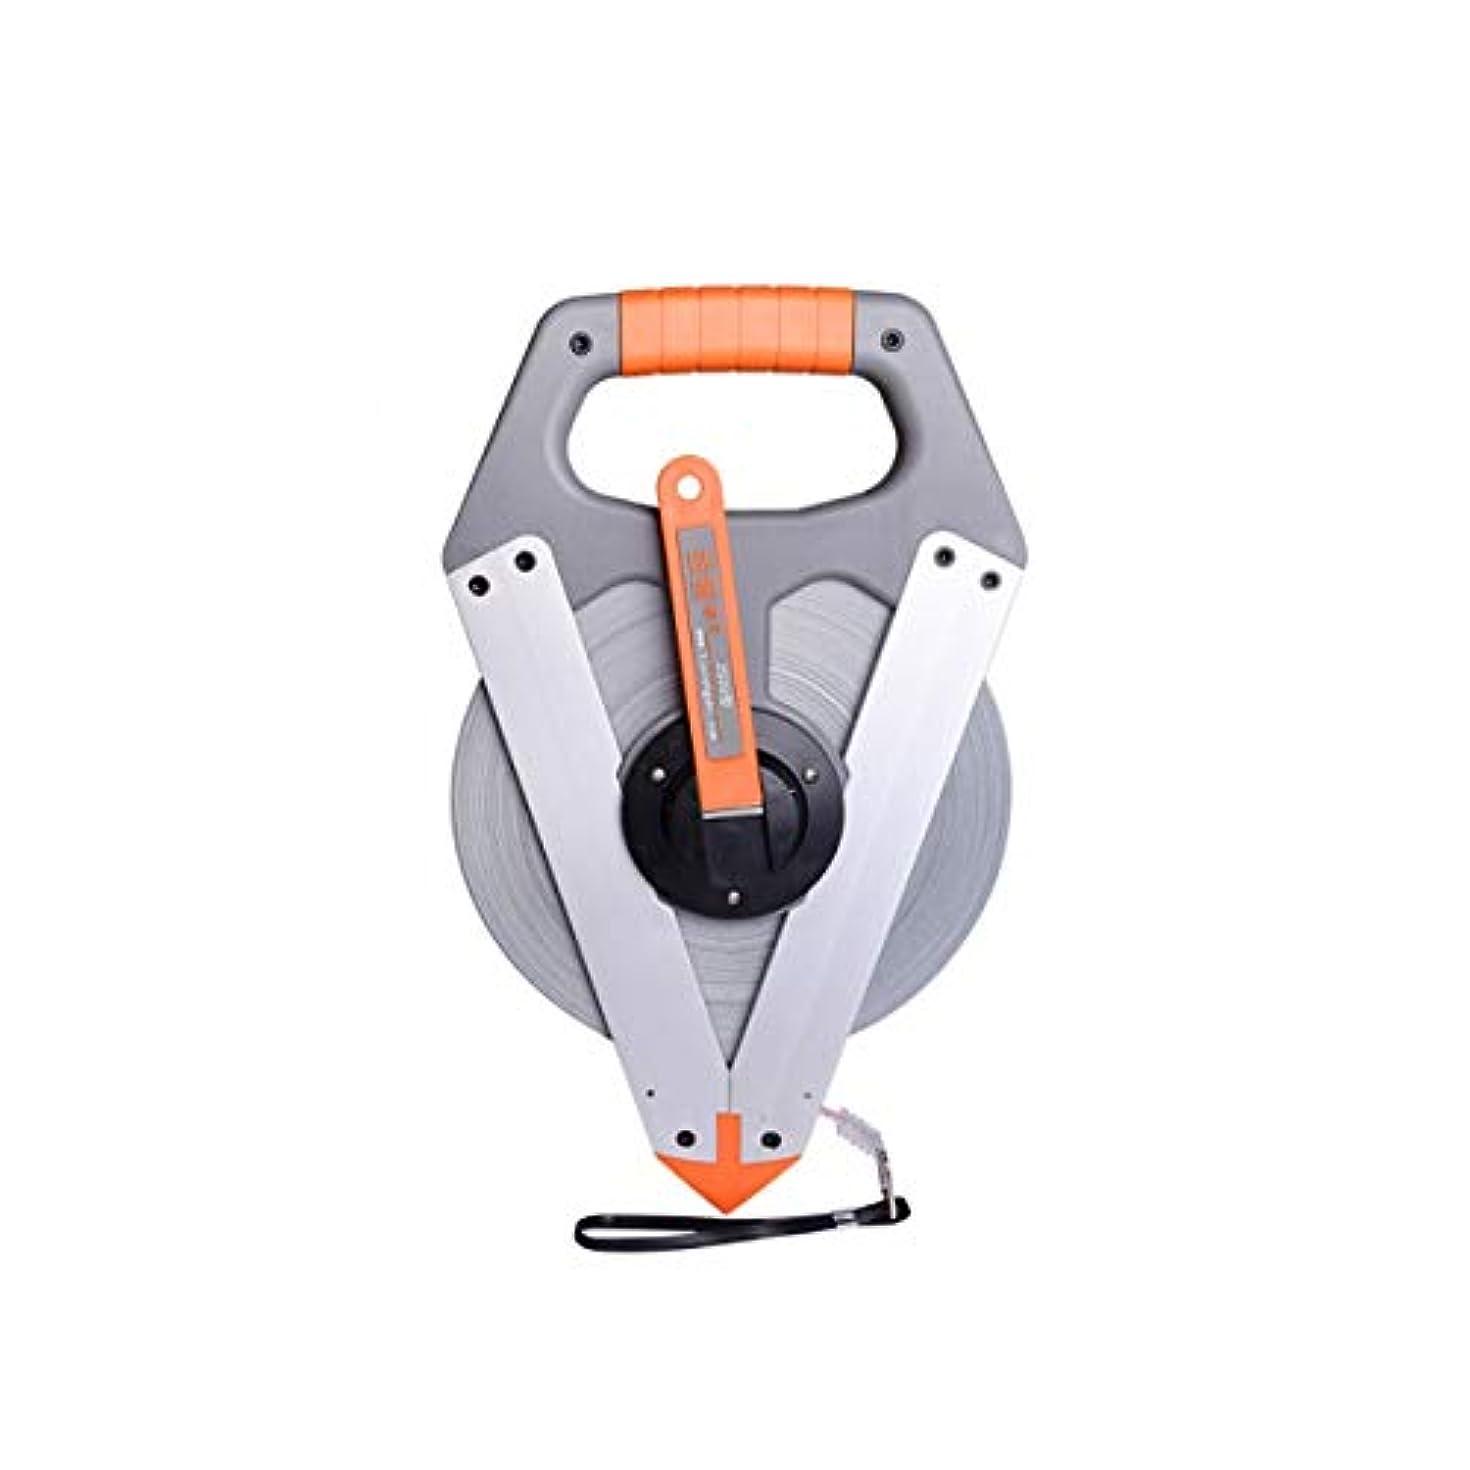 保険をかけるつなぐサーカスRCDD スチールテープメジャーナイロンコーティングスチールテープメジャー100メートル防水非錆テープメジャー3回振る速度定規大規律エンジニアリングスチールテープメジャーナイロンコーティングスチールテープメジャー100メートル (Size : 100m)